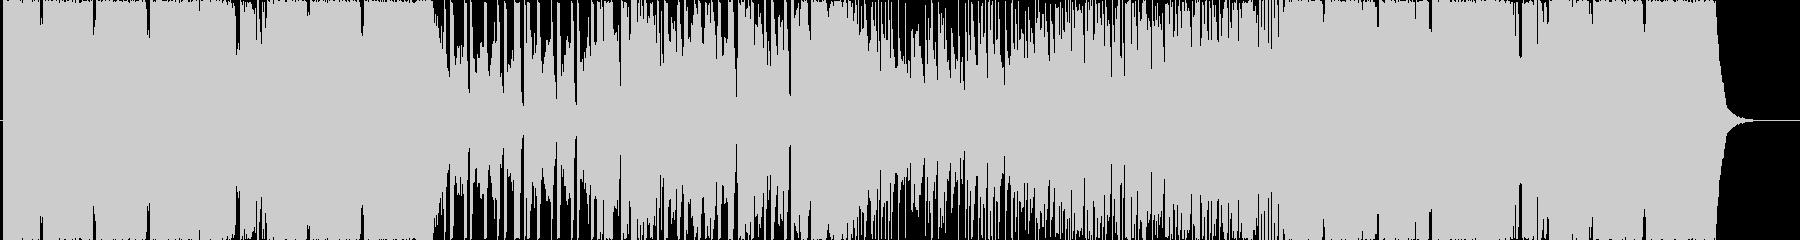 スローでカワイイフューターベースBGMの未再生の波形